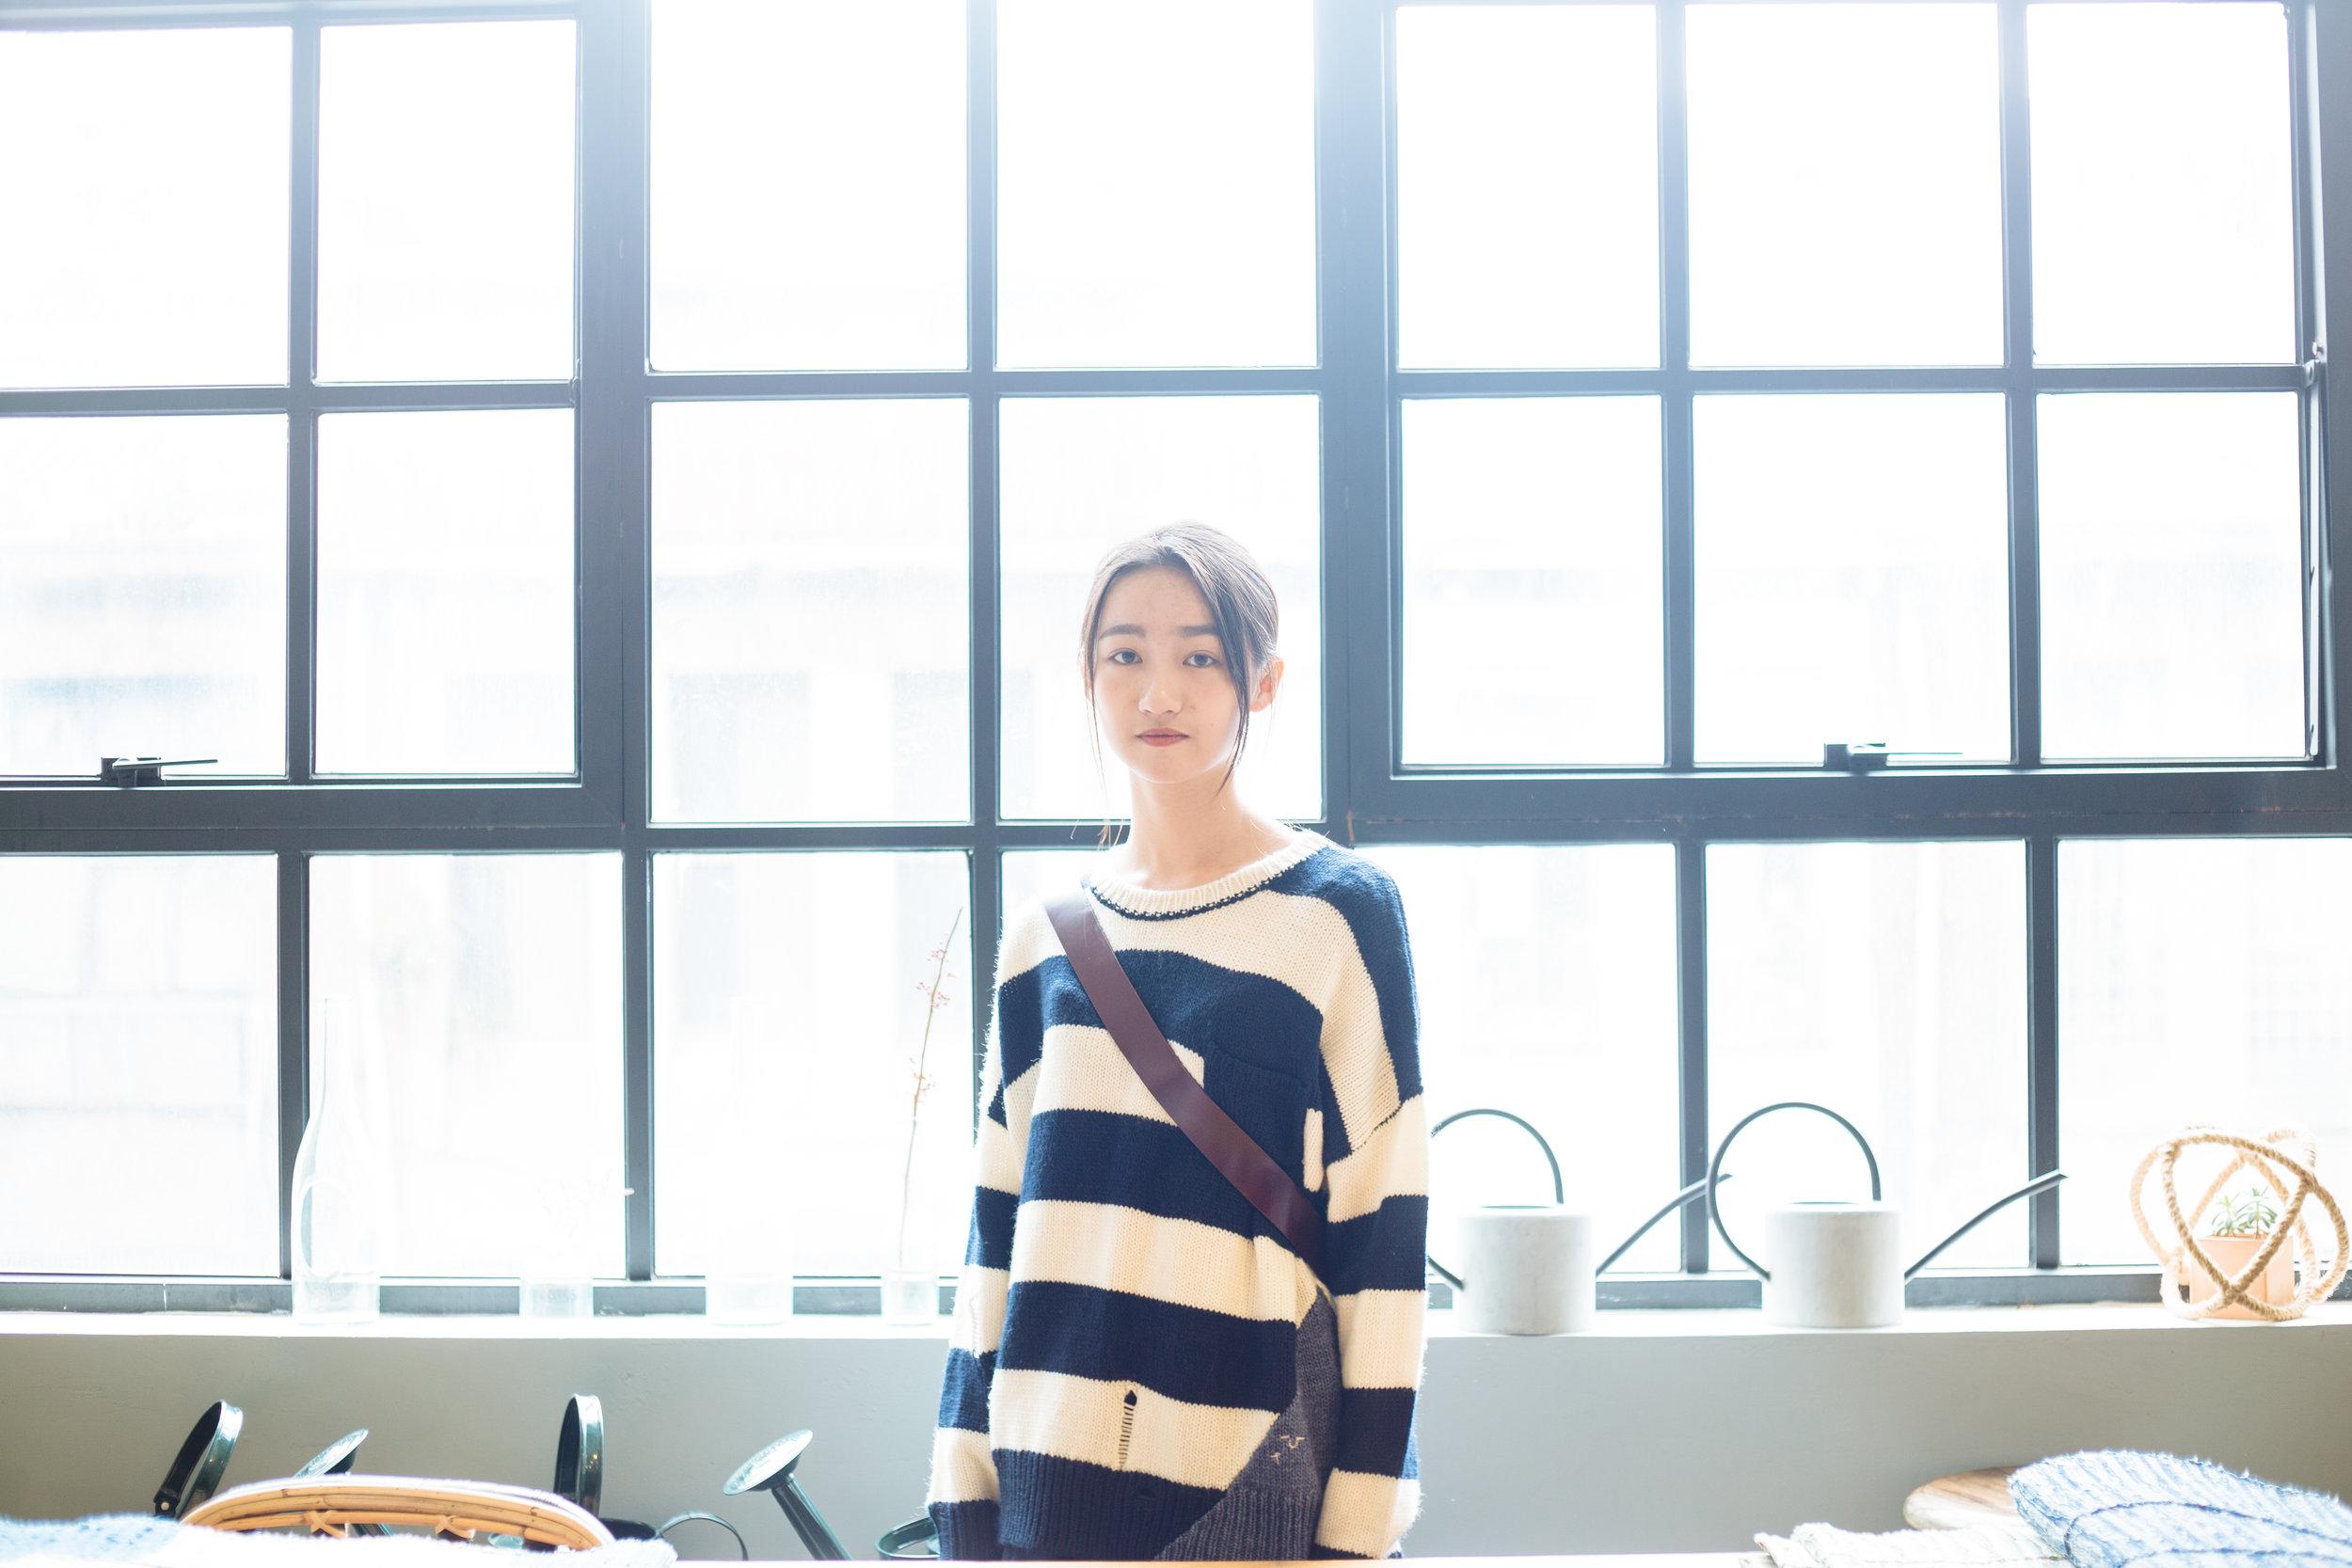 衣著 | a la sha+a 條紋拼接色塊針織上衣 & a la sha+a 微立體活褶純棉平織寬褲